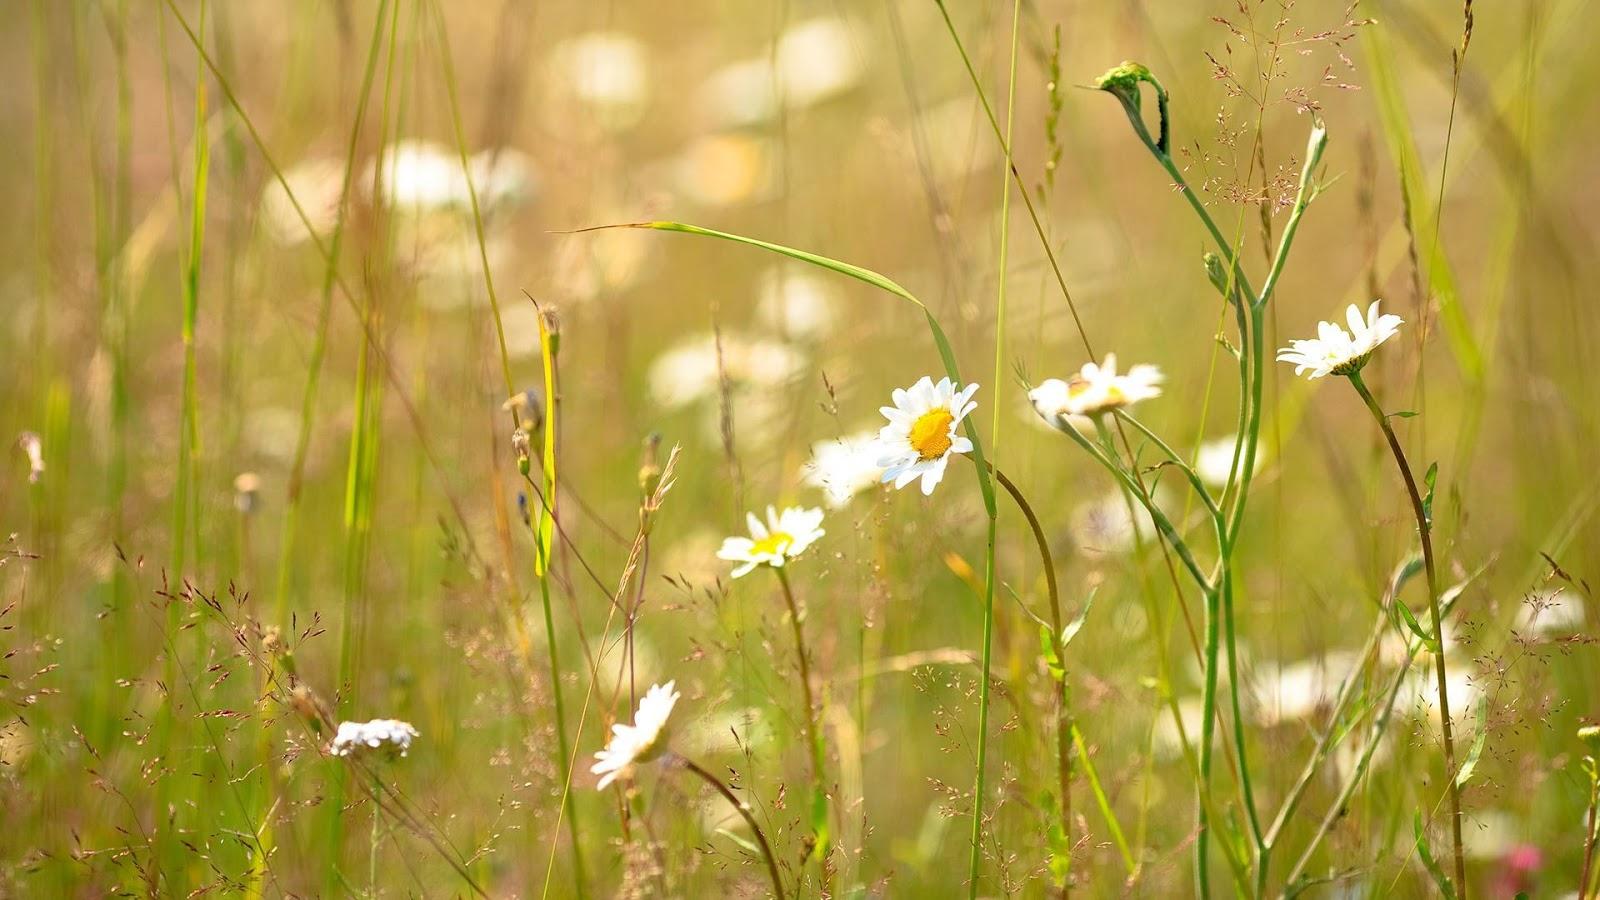 Hình nền những bông hoa cúc trắng